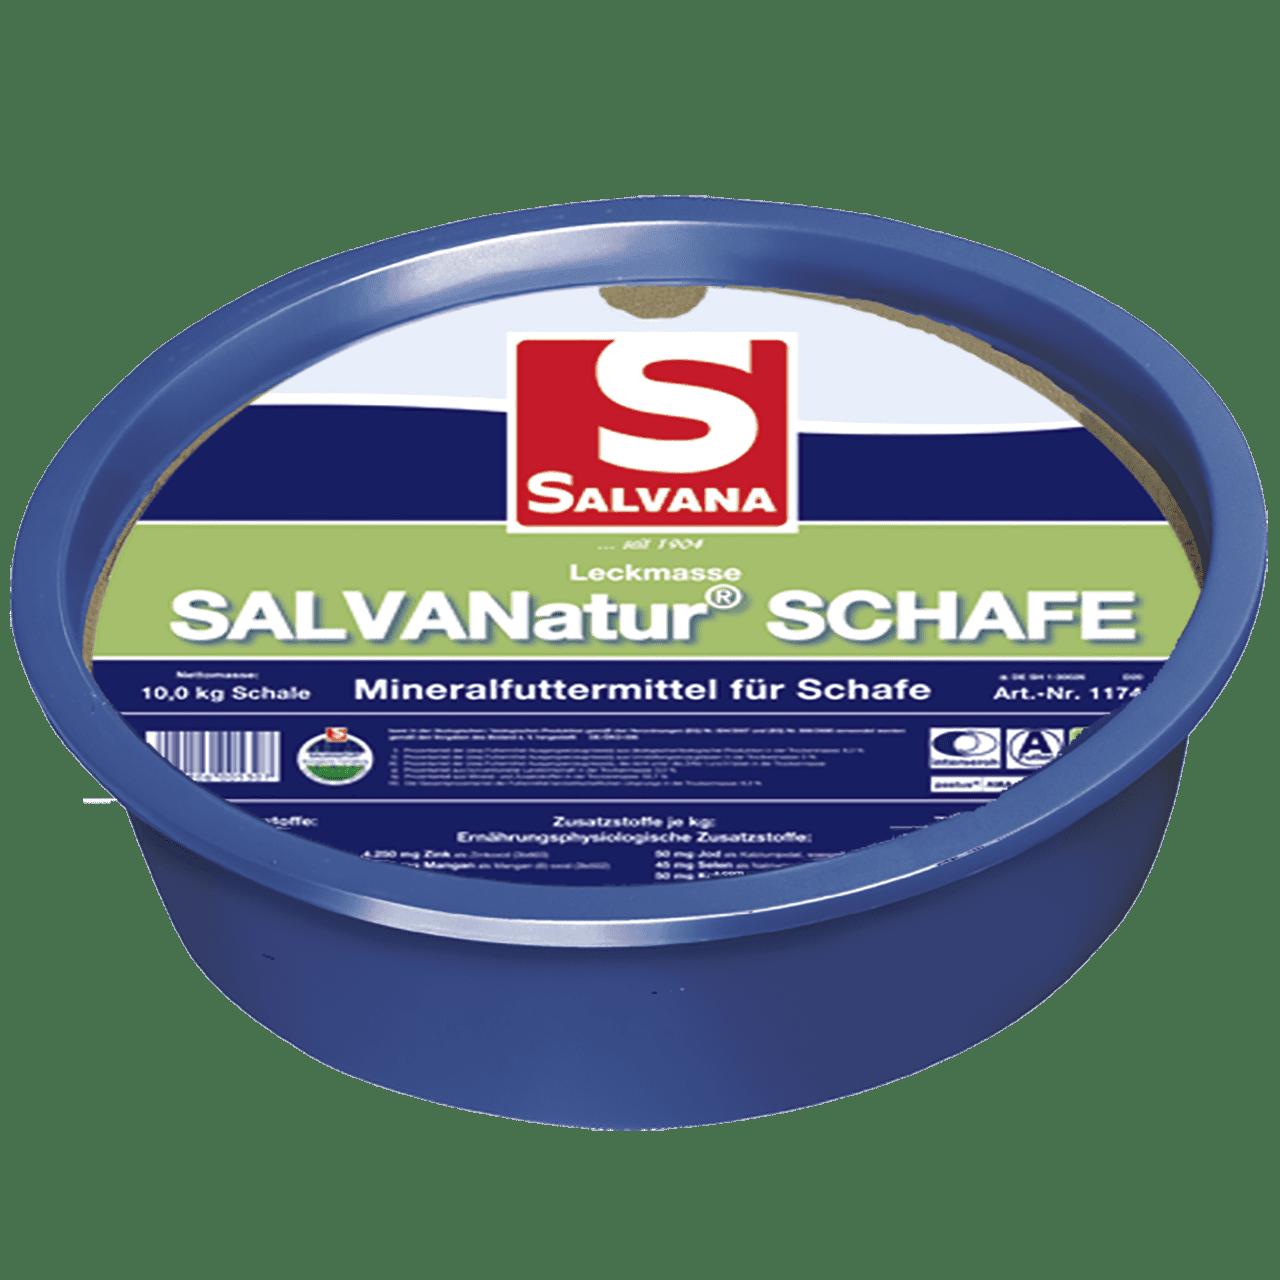 SALVANATUR Leckmasse Schafe